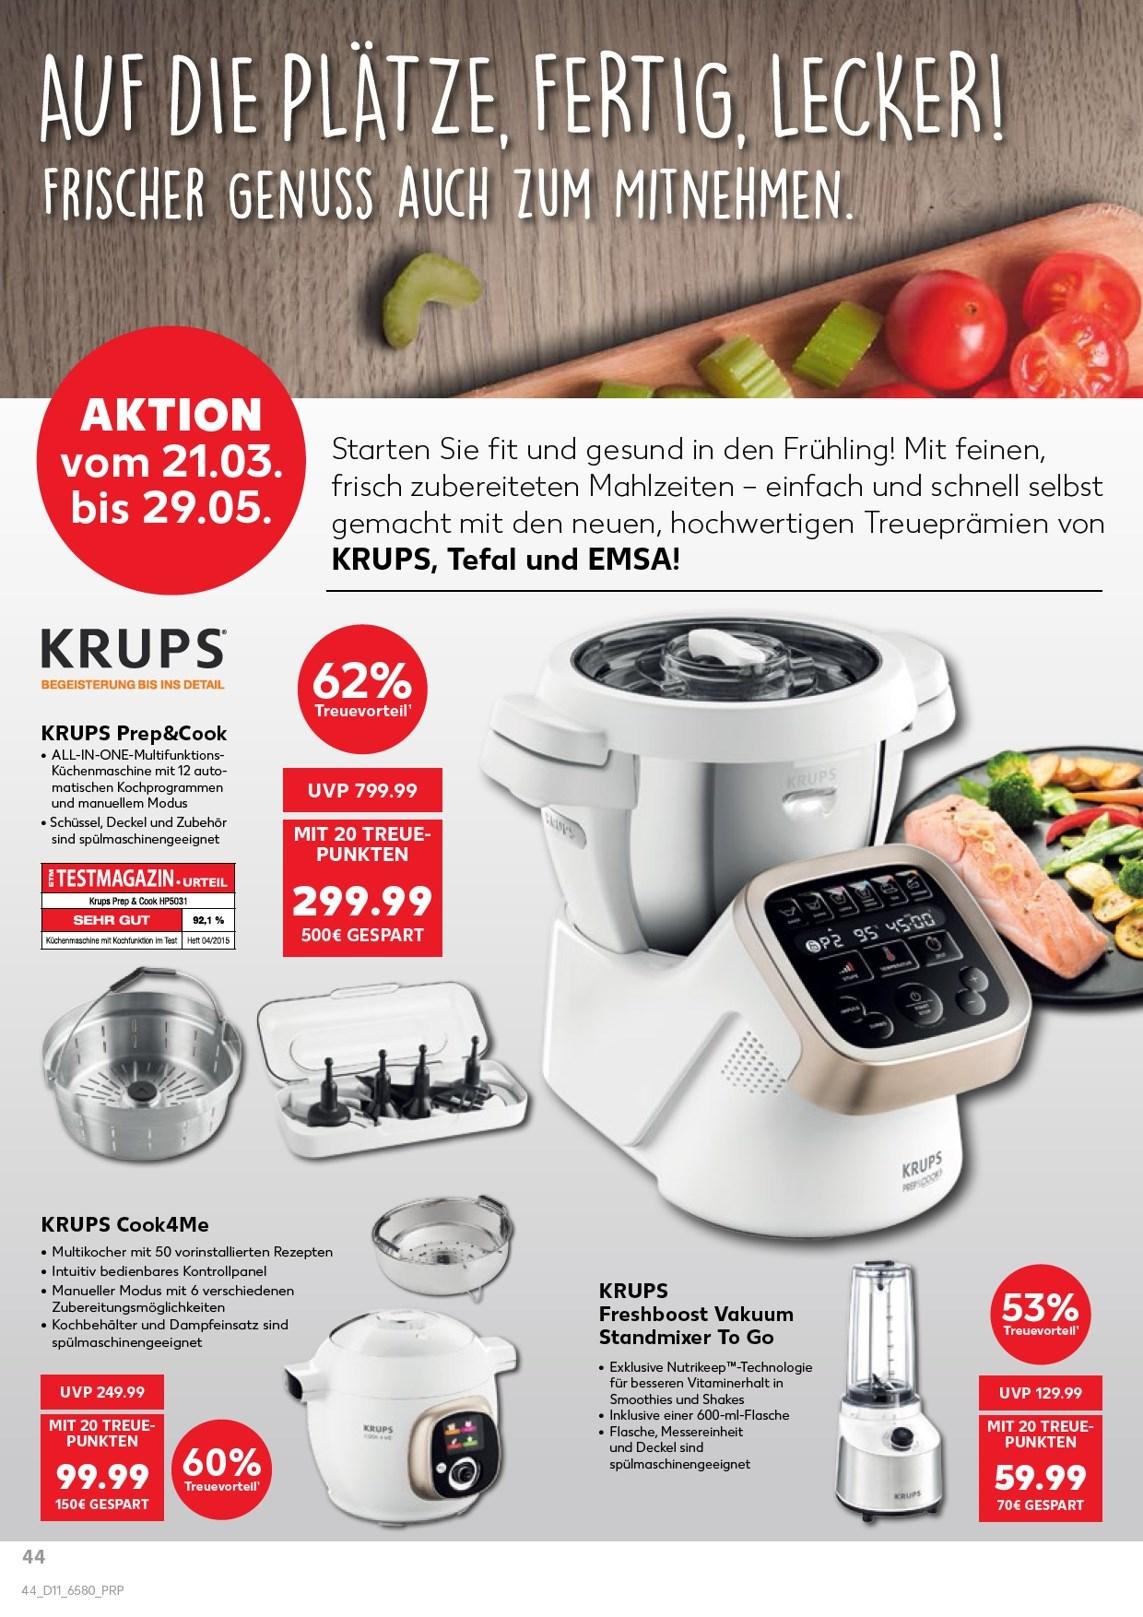 [Kaufland-Treueaktion] Krups Prep&Cook HP5031 Multifunktions-Küchenmaschine